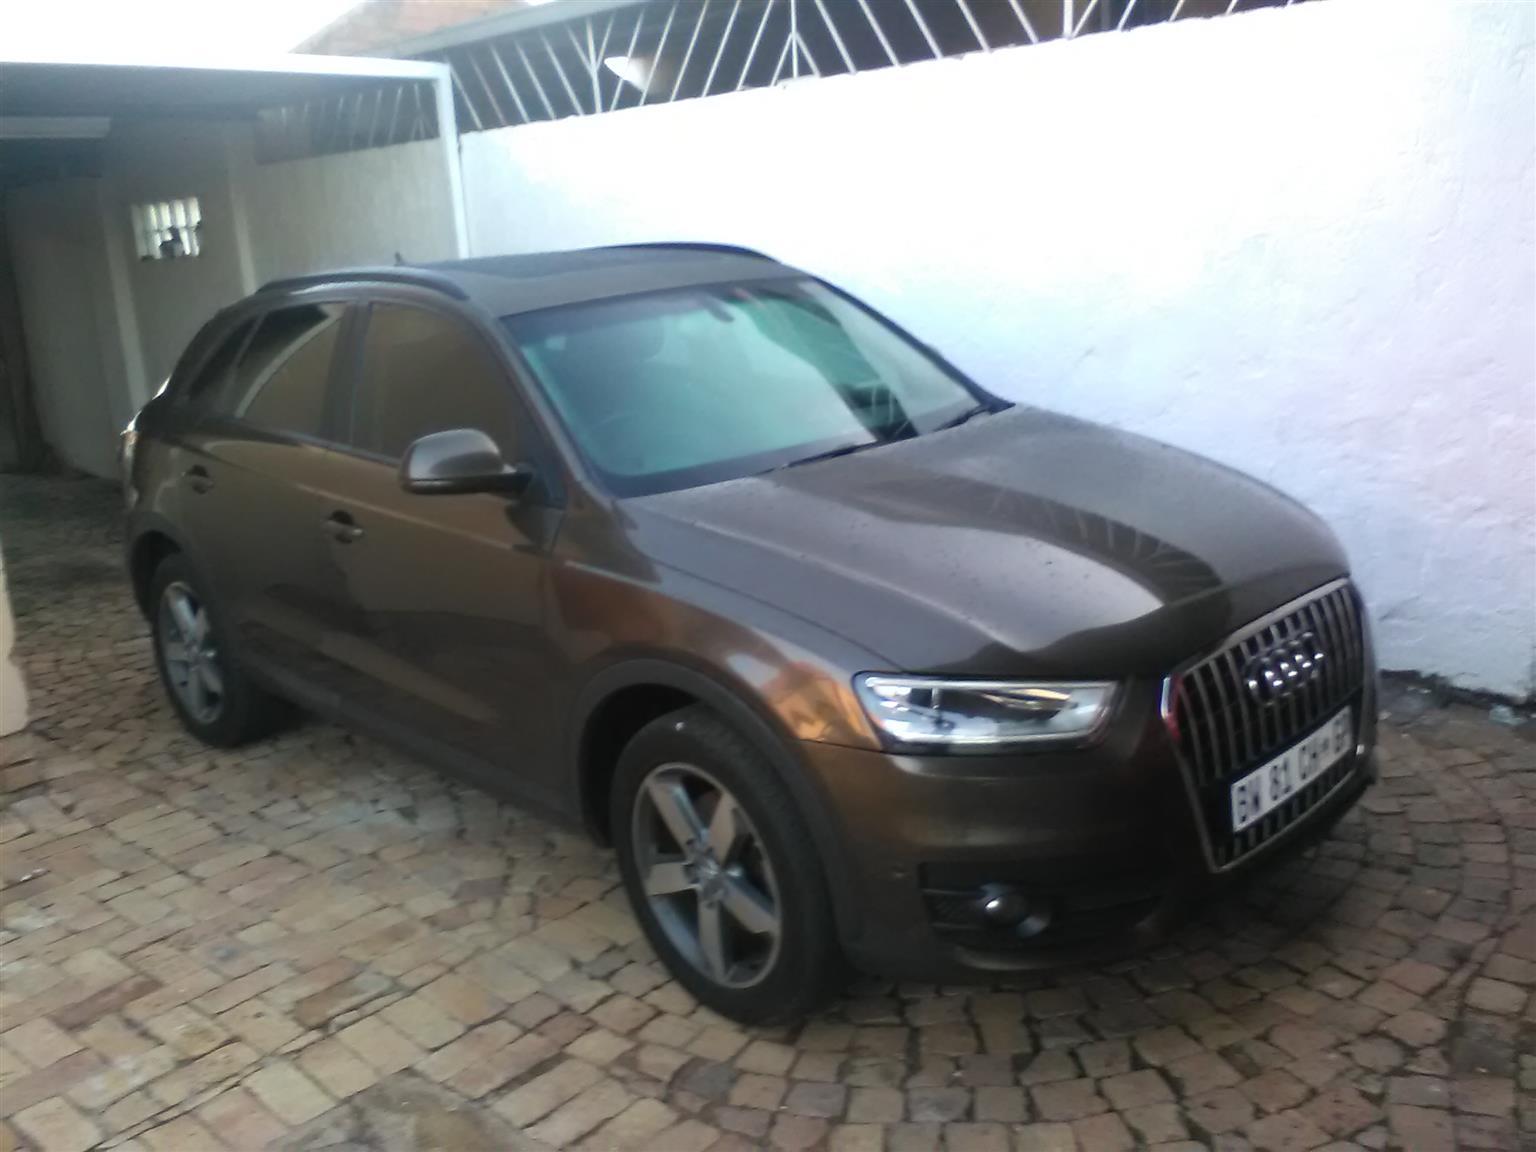 2012 Audi Q3 2.0T 155kW quattro